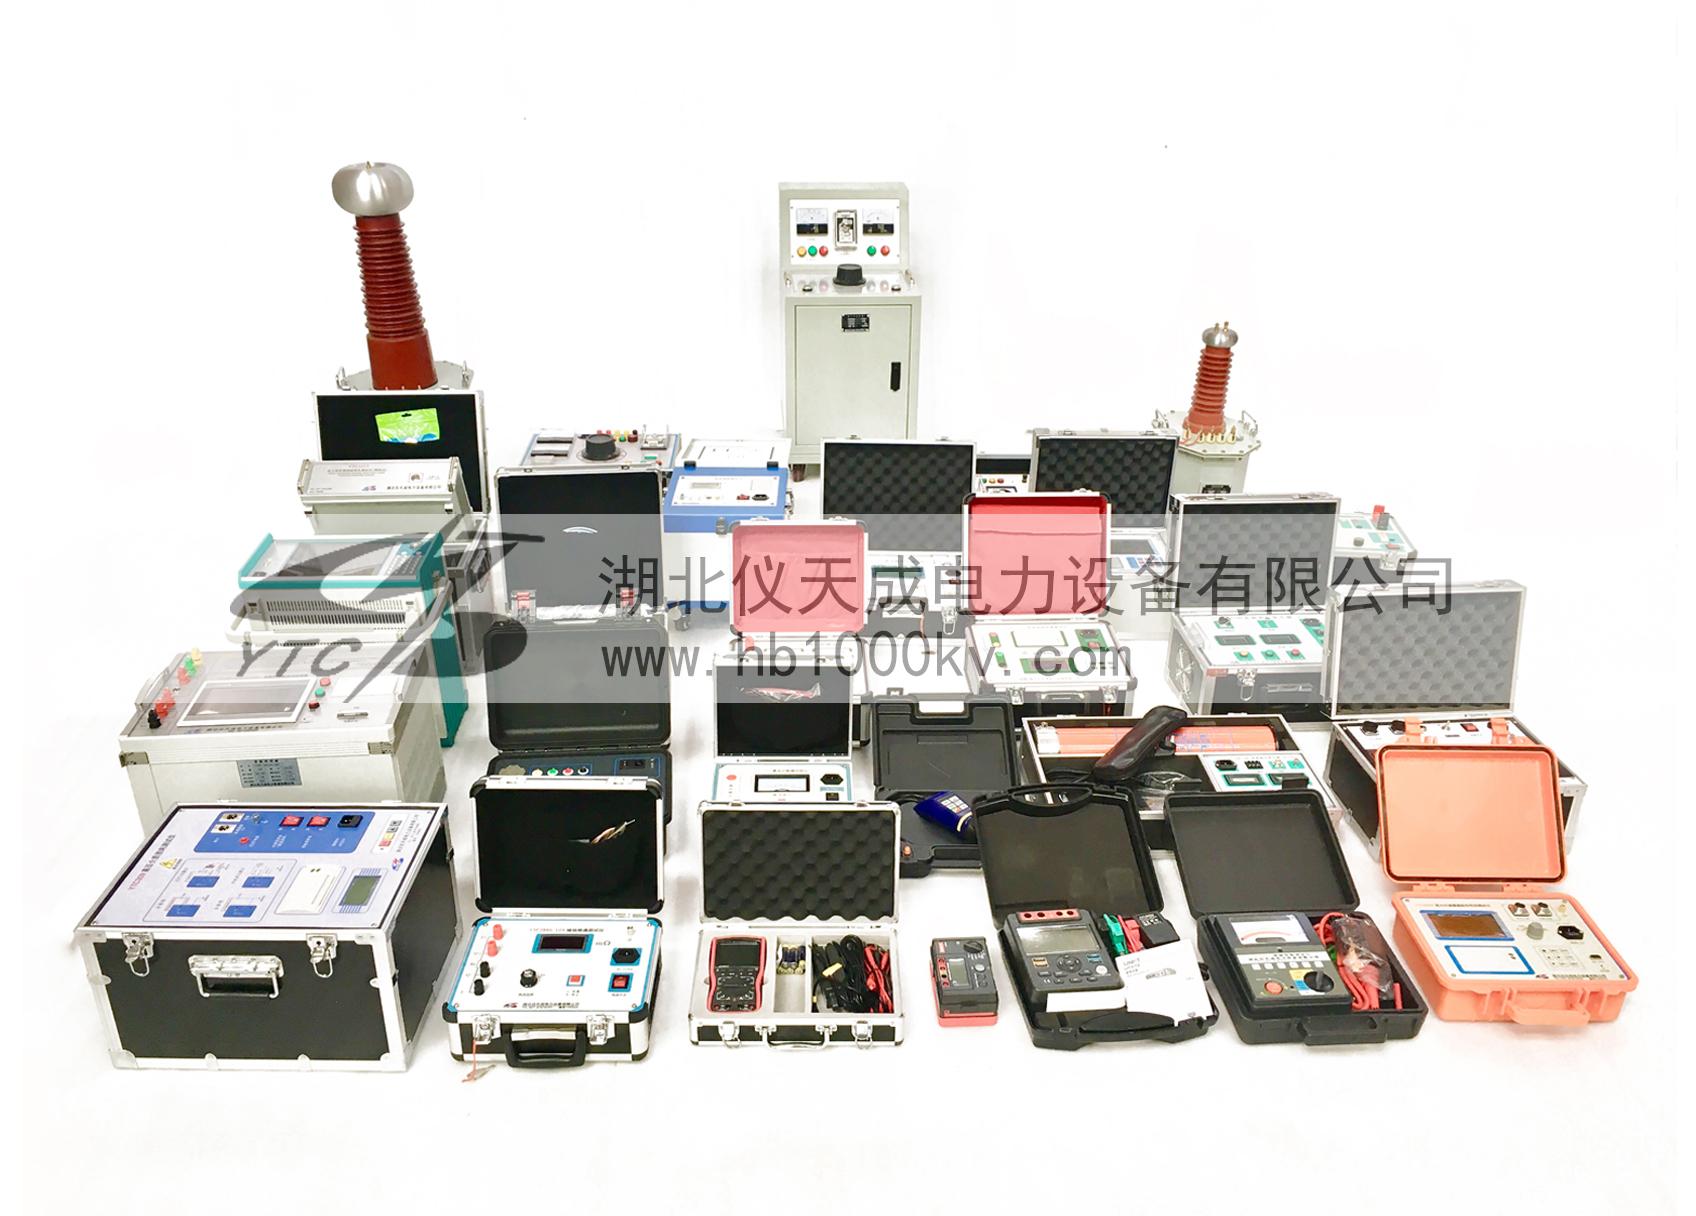 承裝修試承試類三級資質設備清單